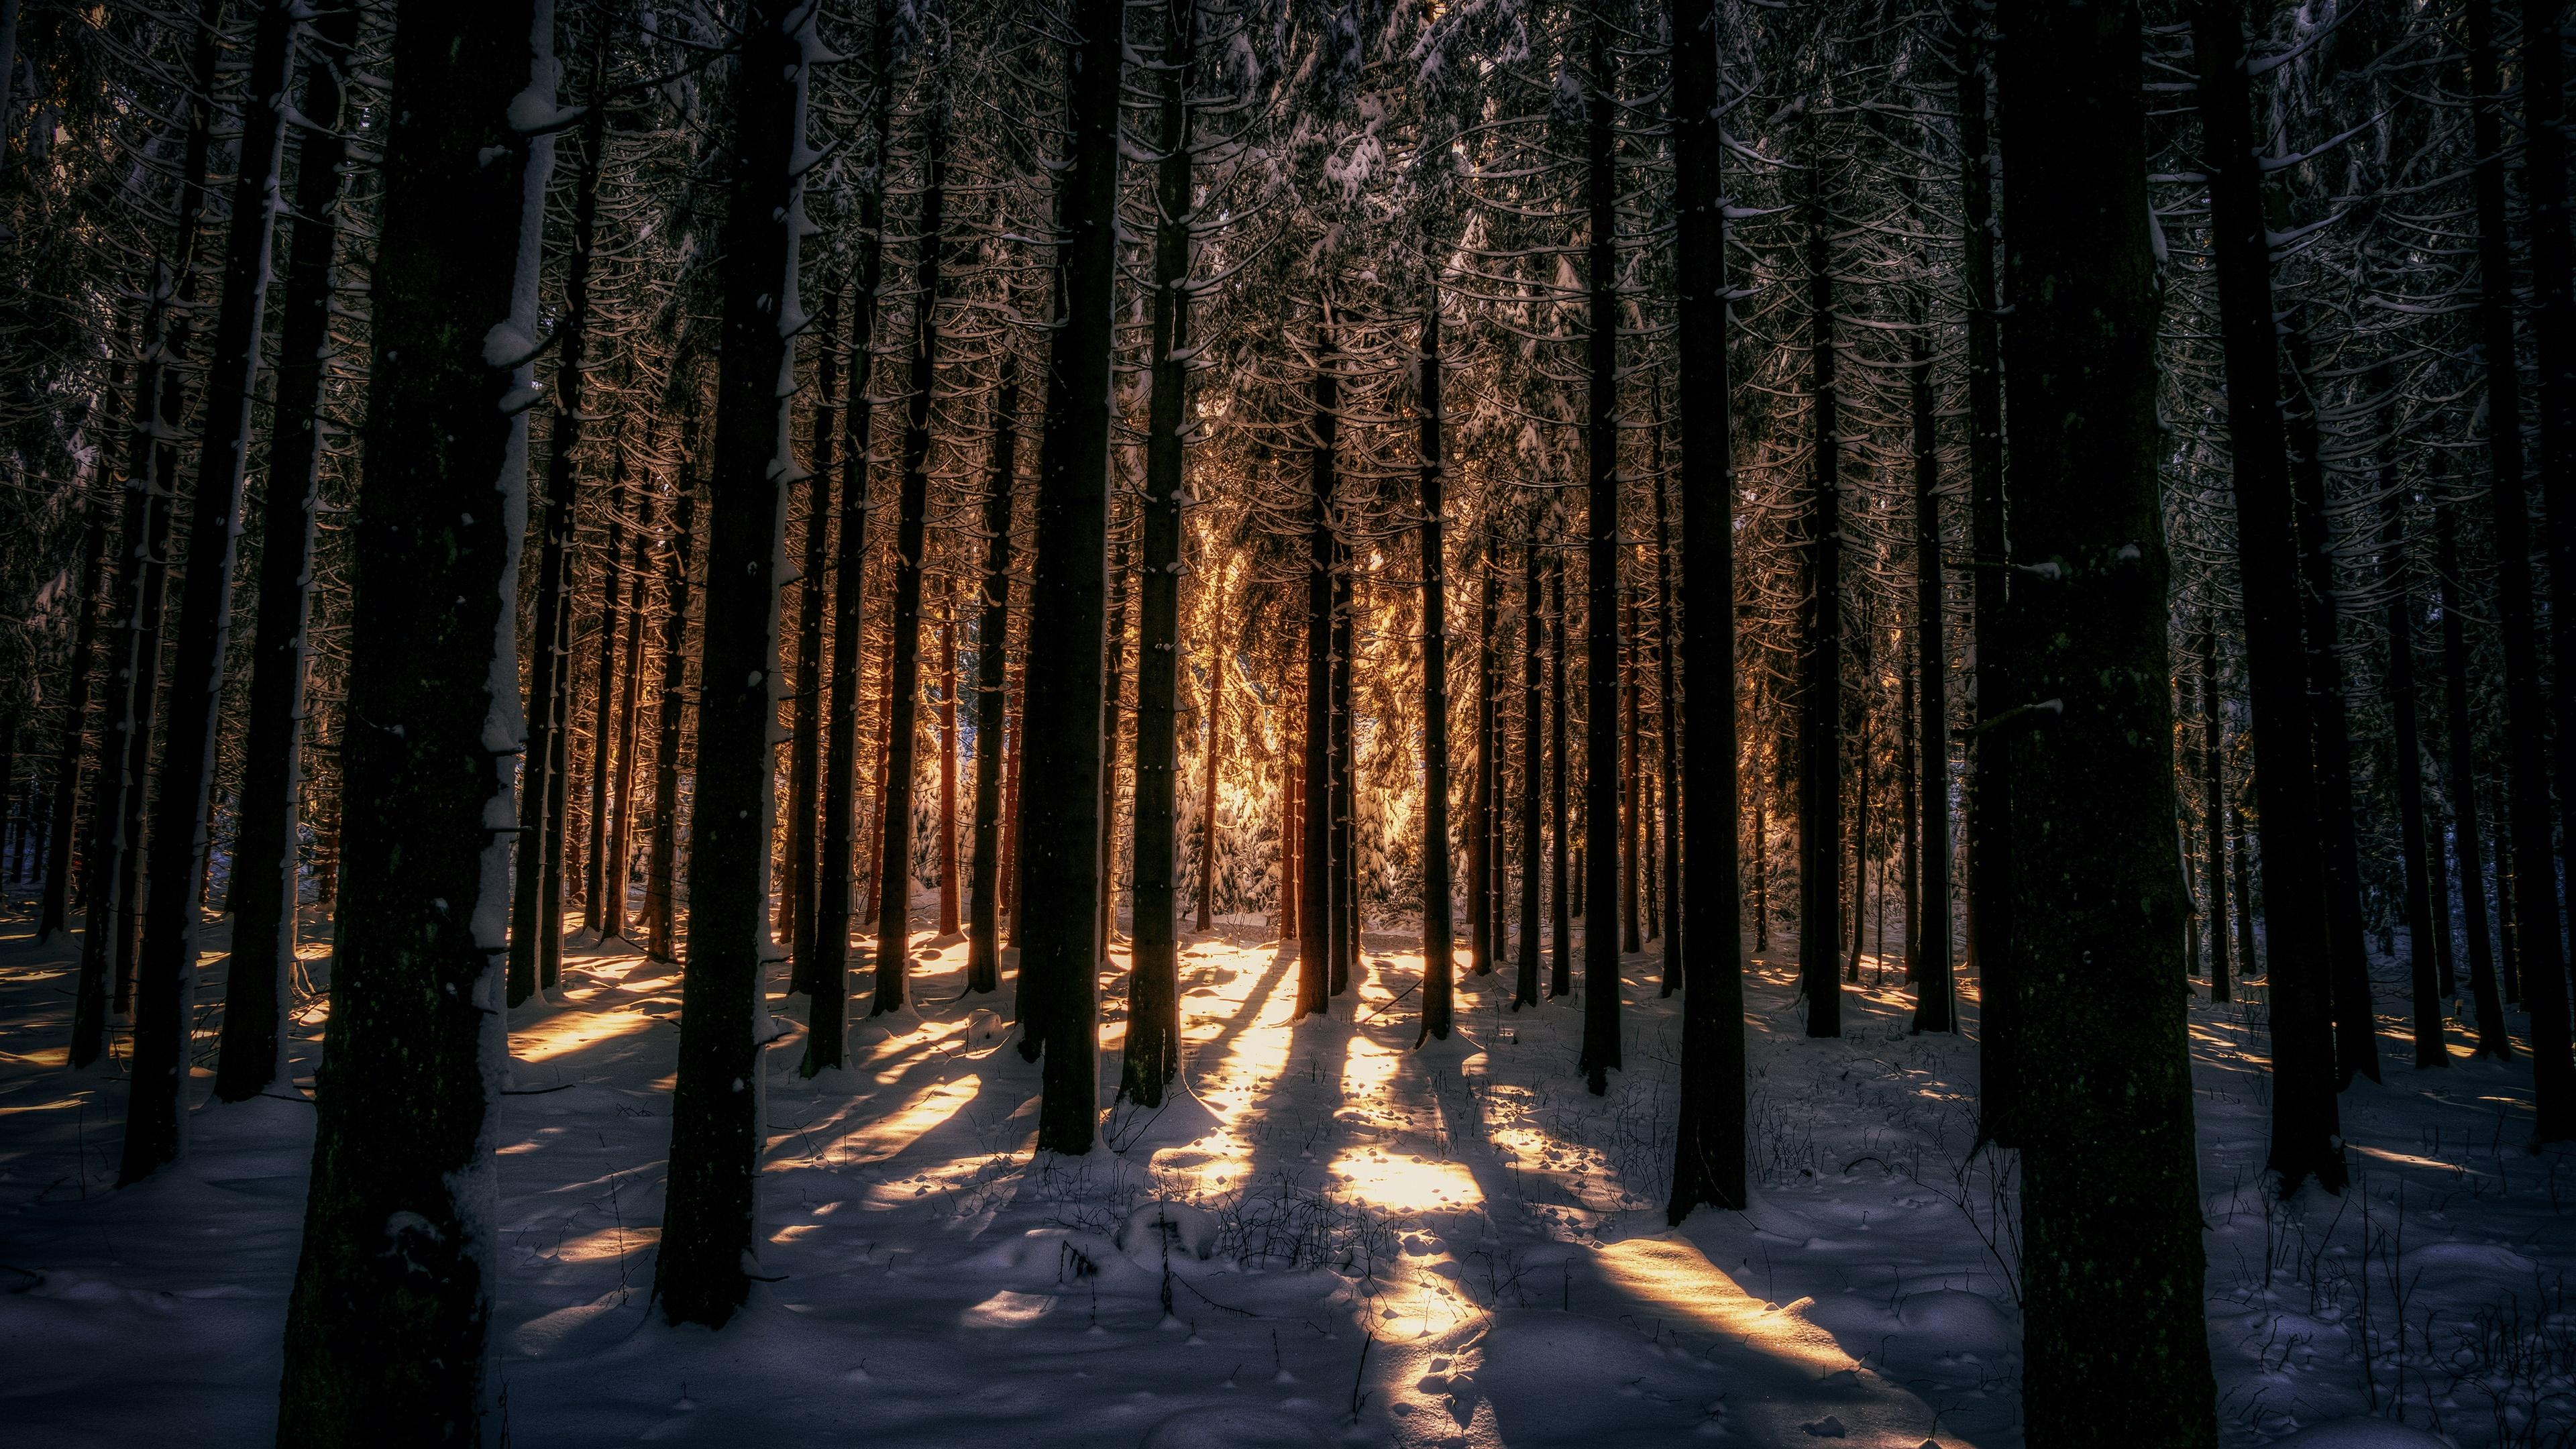 Deep forest in winter season wallpaper